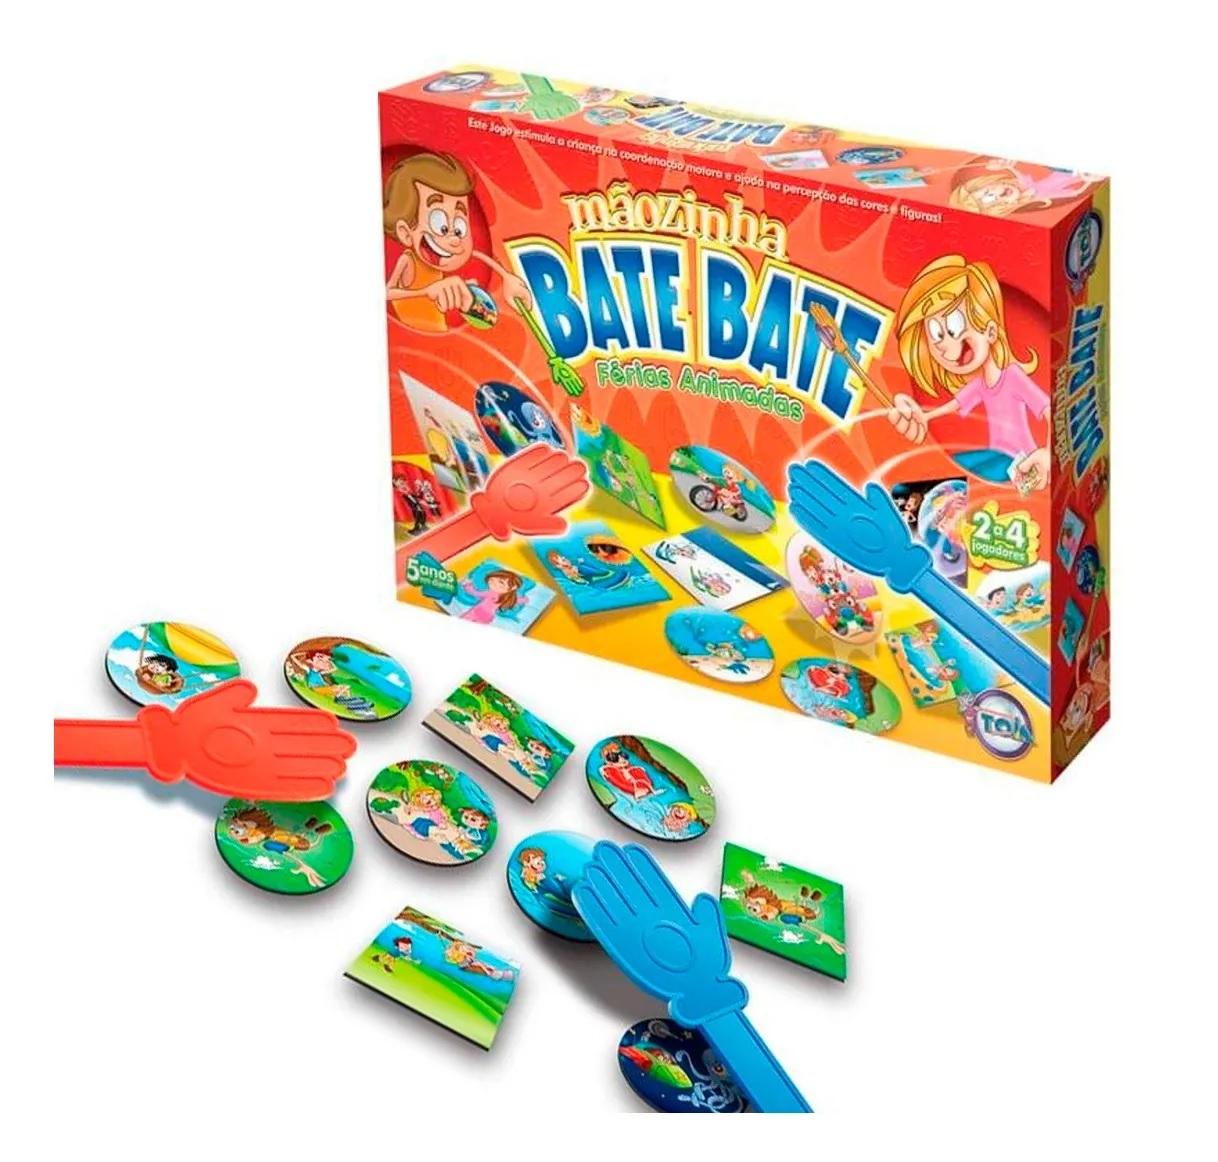 Jogo Mãozinha Bate Bate Férias Animadas - Toia Brinquedos